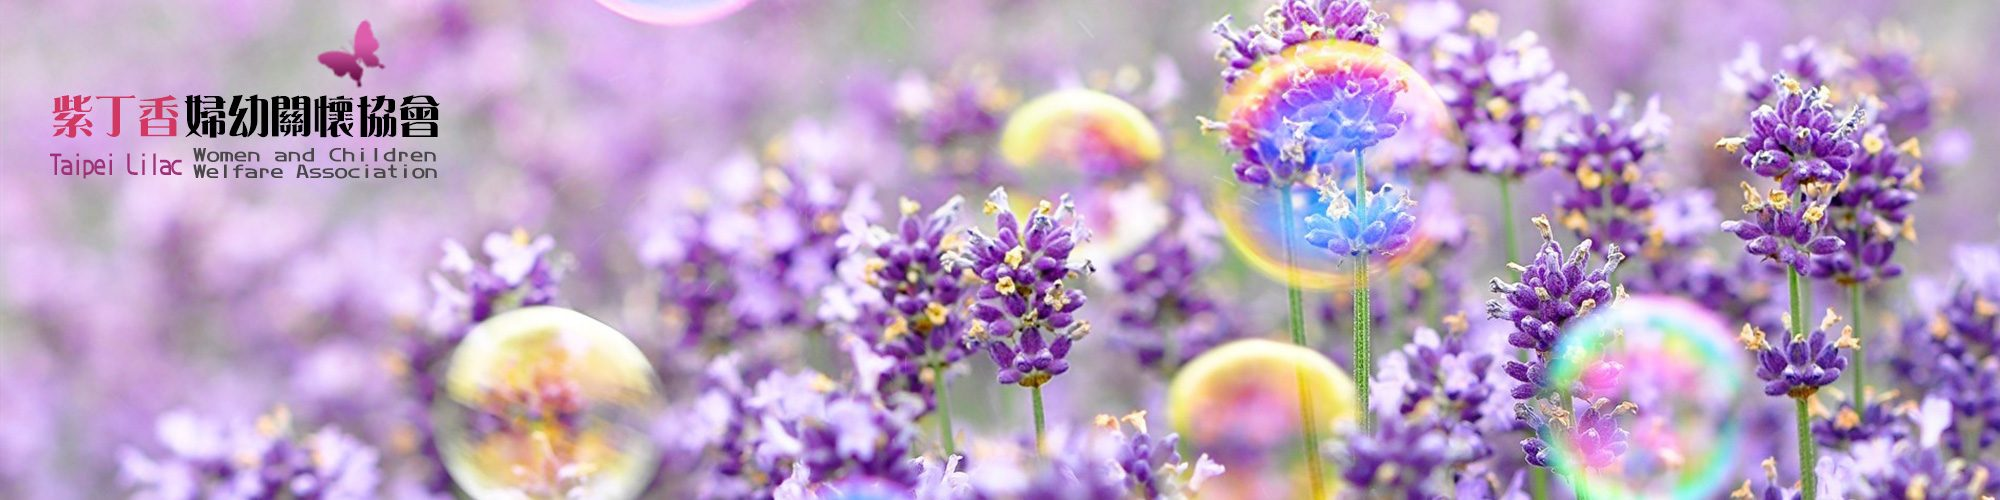 紫丁香婦幼關懷協會